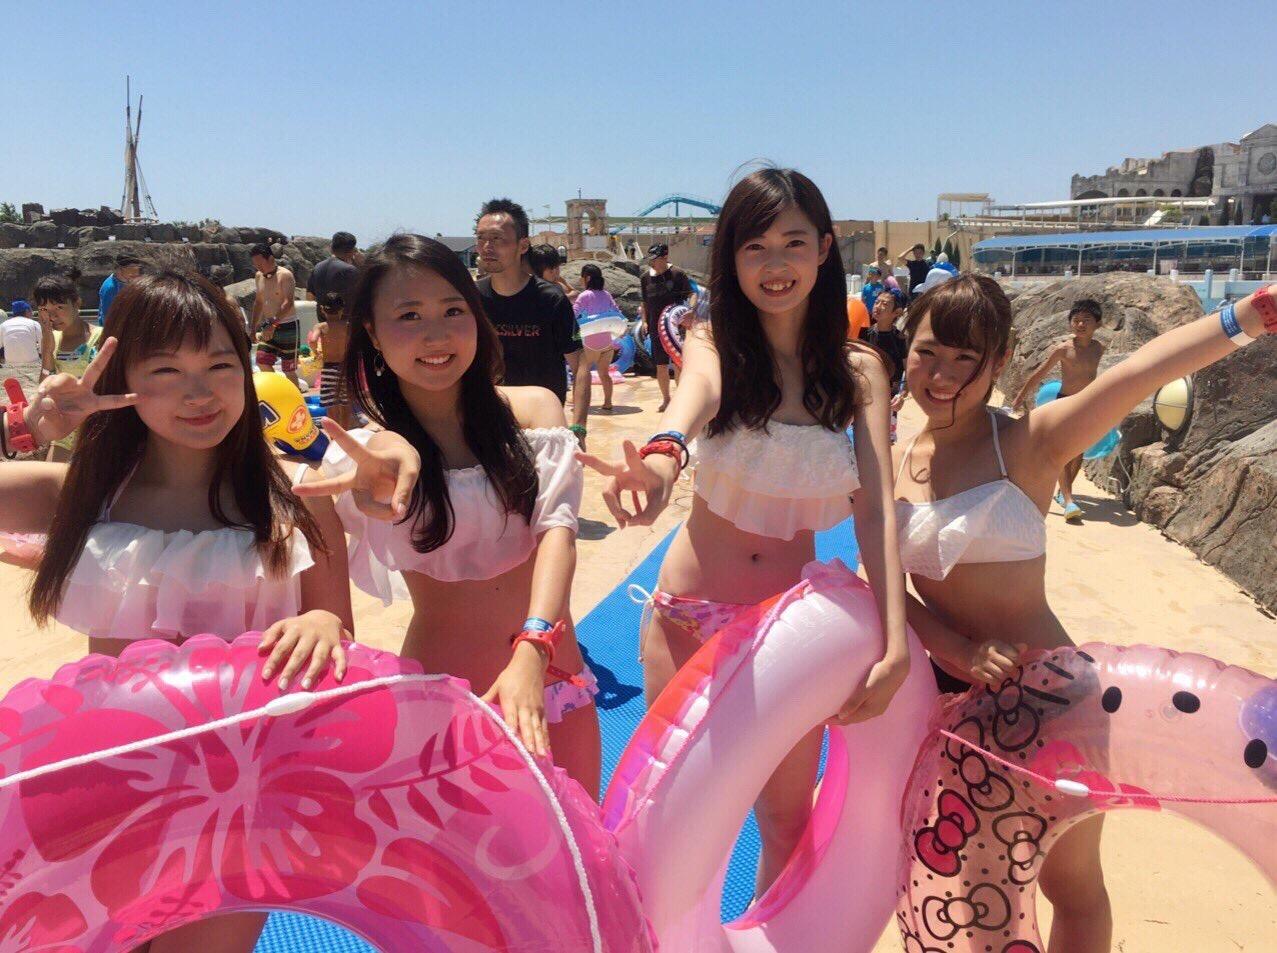 水着ギャルと夏の思い出が多すぎてみんなと共有しないわけにはいかないんだ!!!!!!!! TJ84ygr